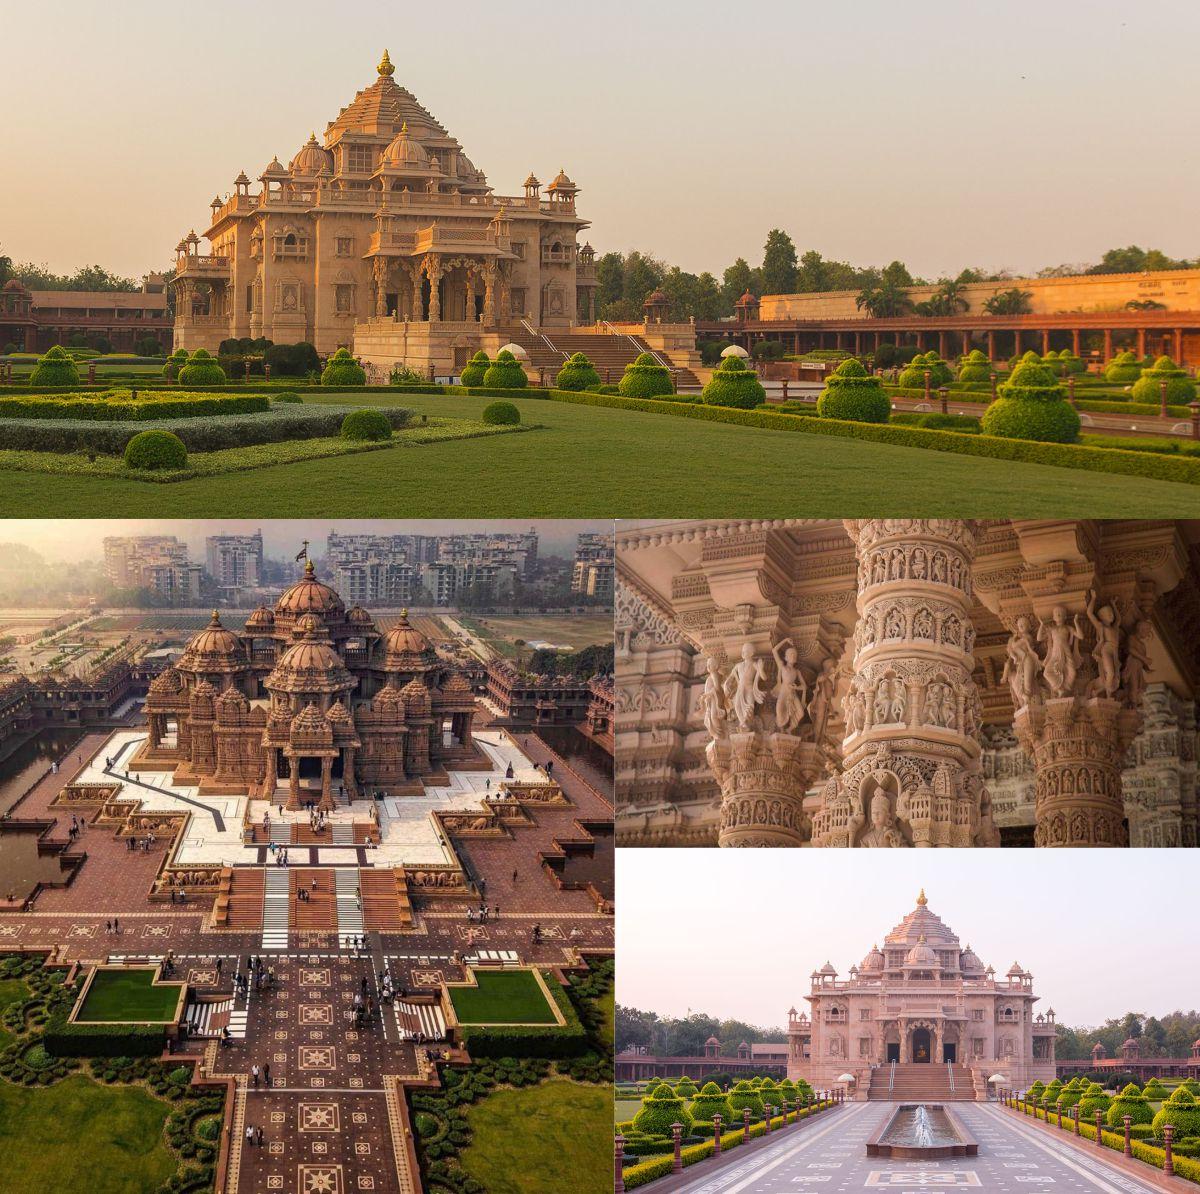 grandes-templos-da-india-mahabalipuram-gangaikonda-cholapuram-taj-mahal-qutub-minar-akshardham-lal-qilah-viagem-nosso-blog-5.jpg